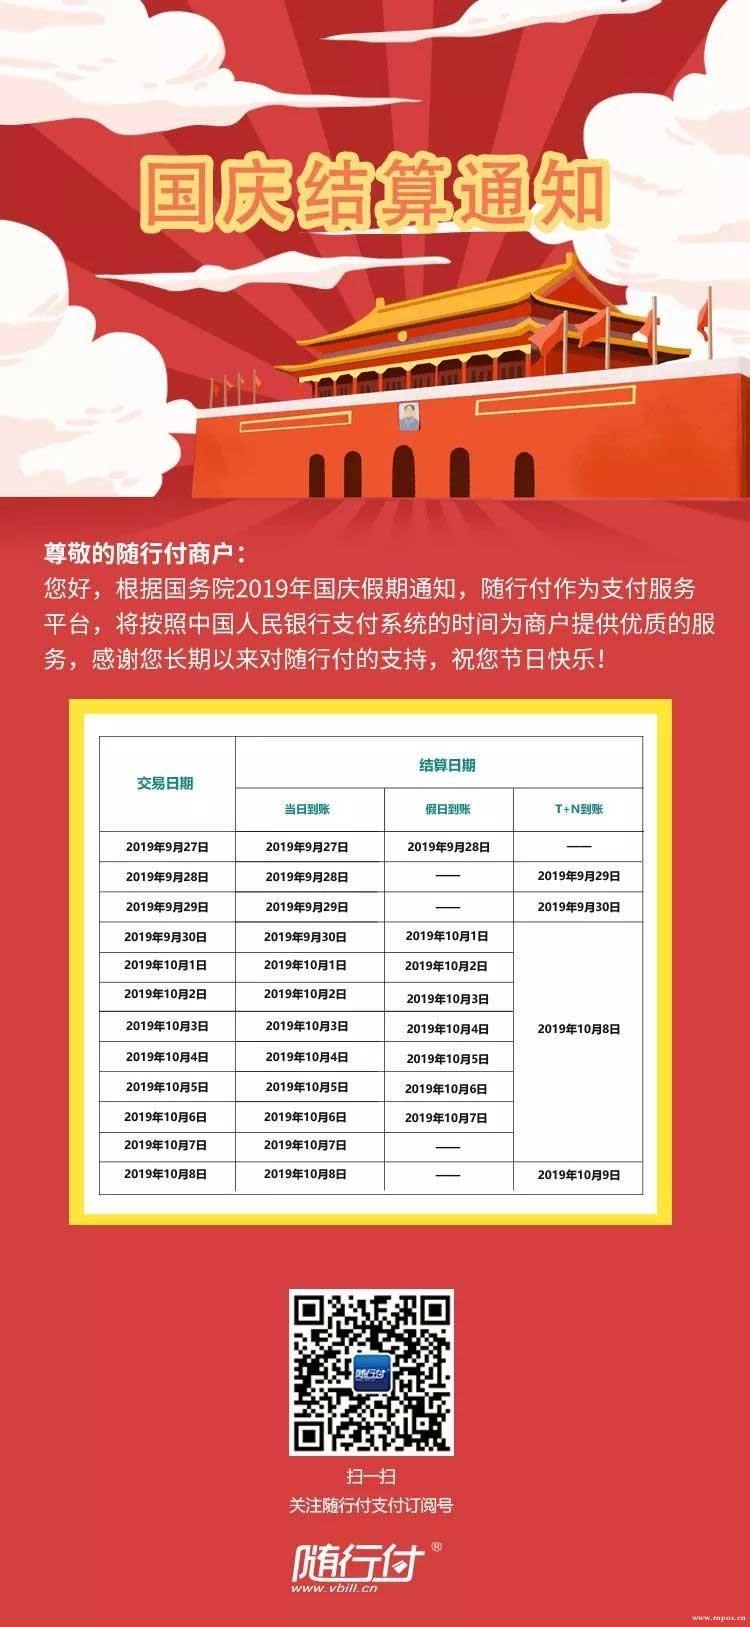 2019年随行付国庆节结算通知